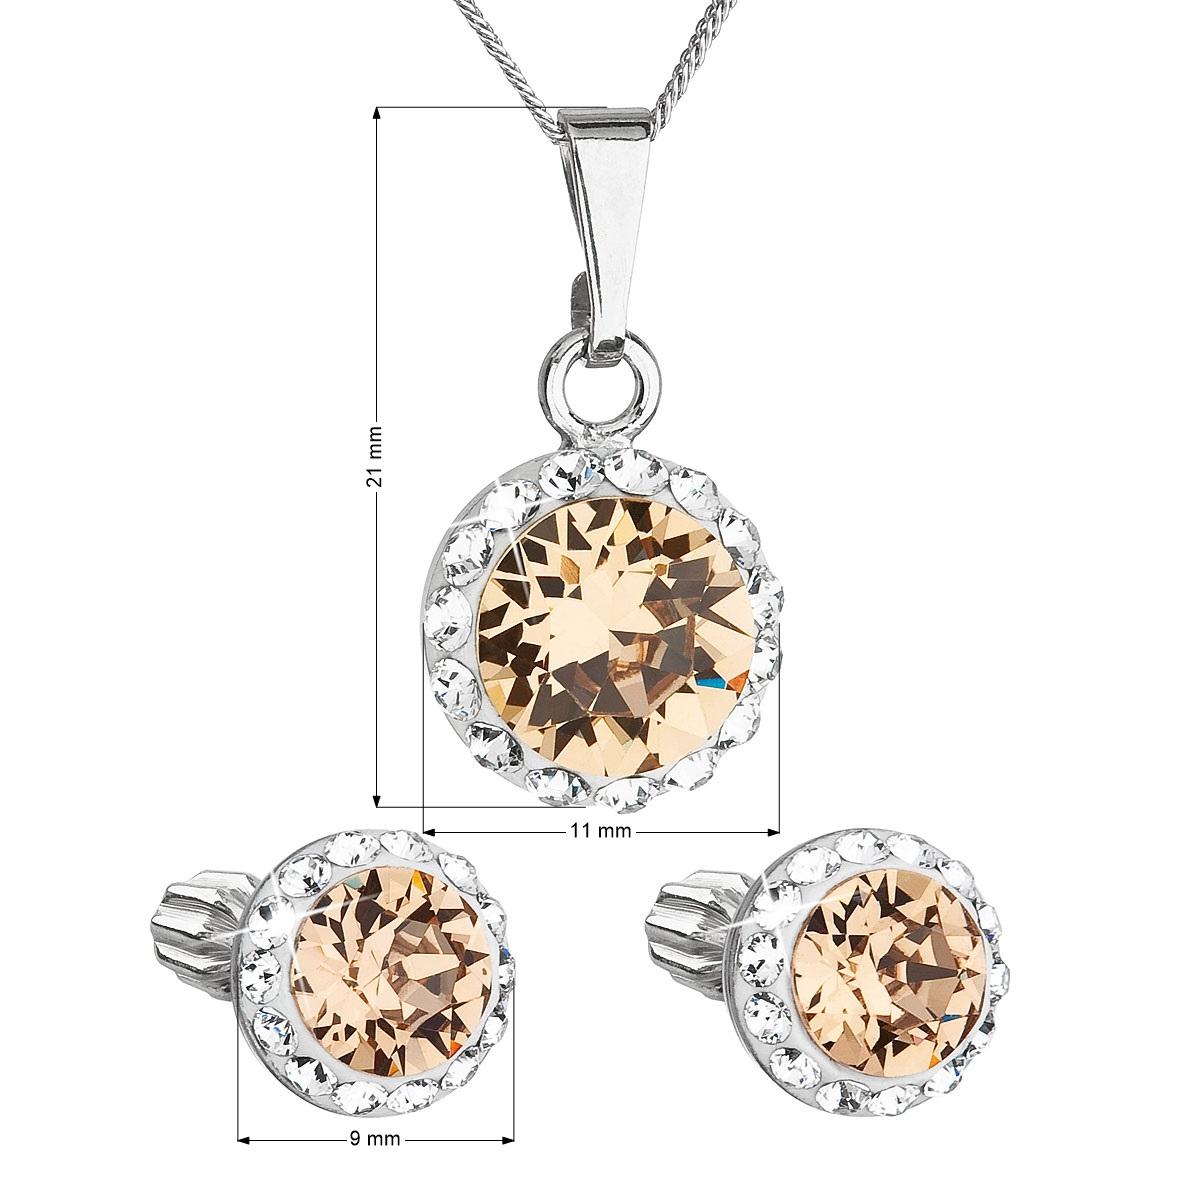 Evolution Group Sada šperků s krystaly Swarovski náušnice, řetízek a přívěsek hnědé oranžové kulaté 39352.3 light colorado topaz